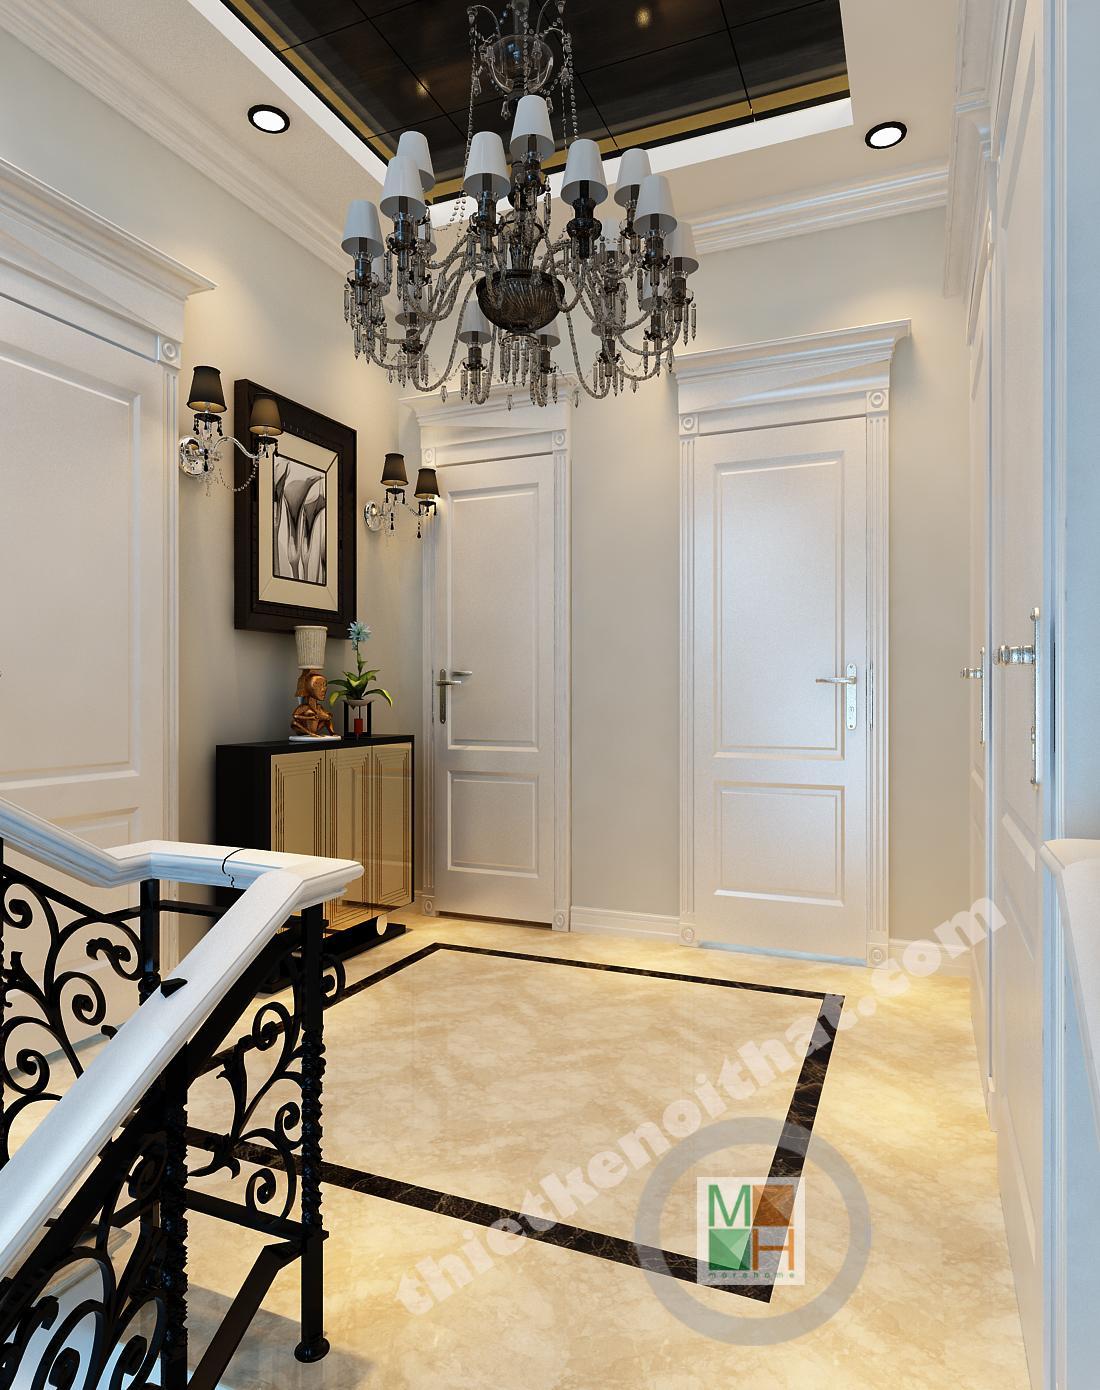 Thiết kế nội thất biệt thự Việt Hưng - Phong cách tân cổ điển sang trọng